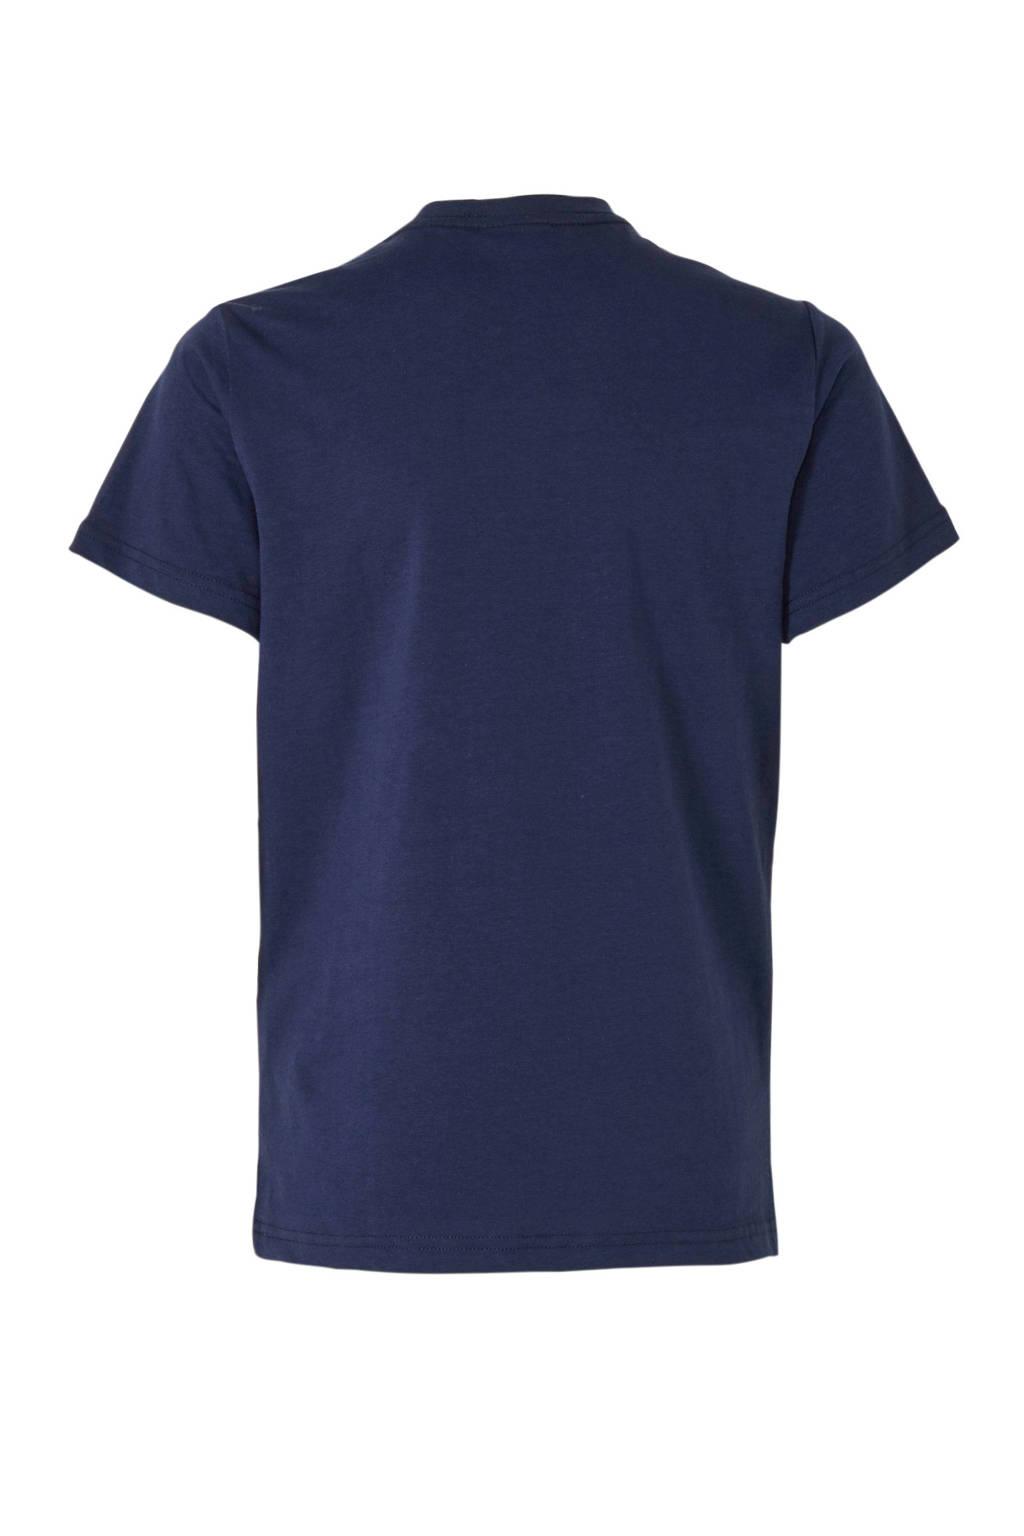 G-Star RAW T-shirt met logo donkerblauw, Donkerblauw